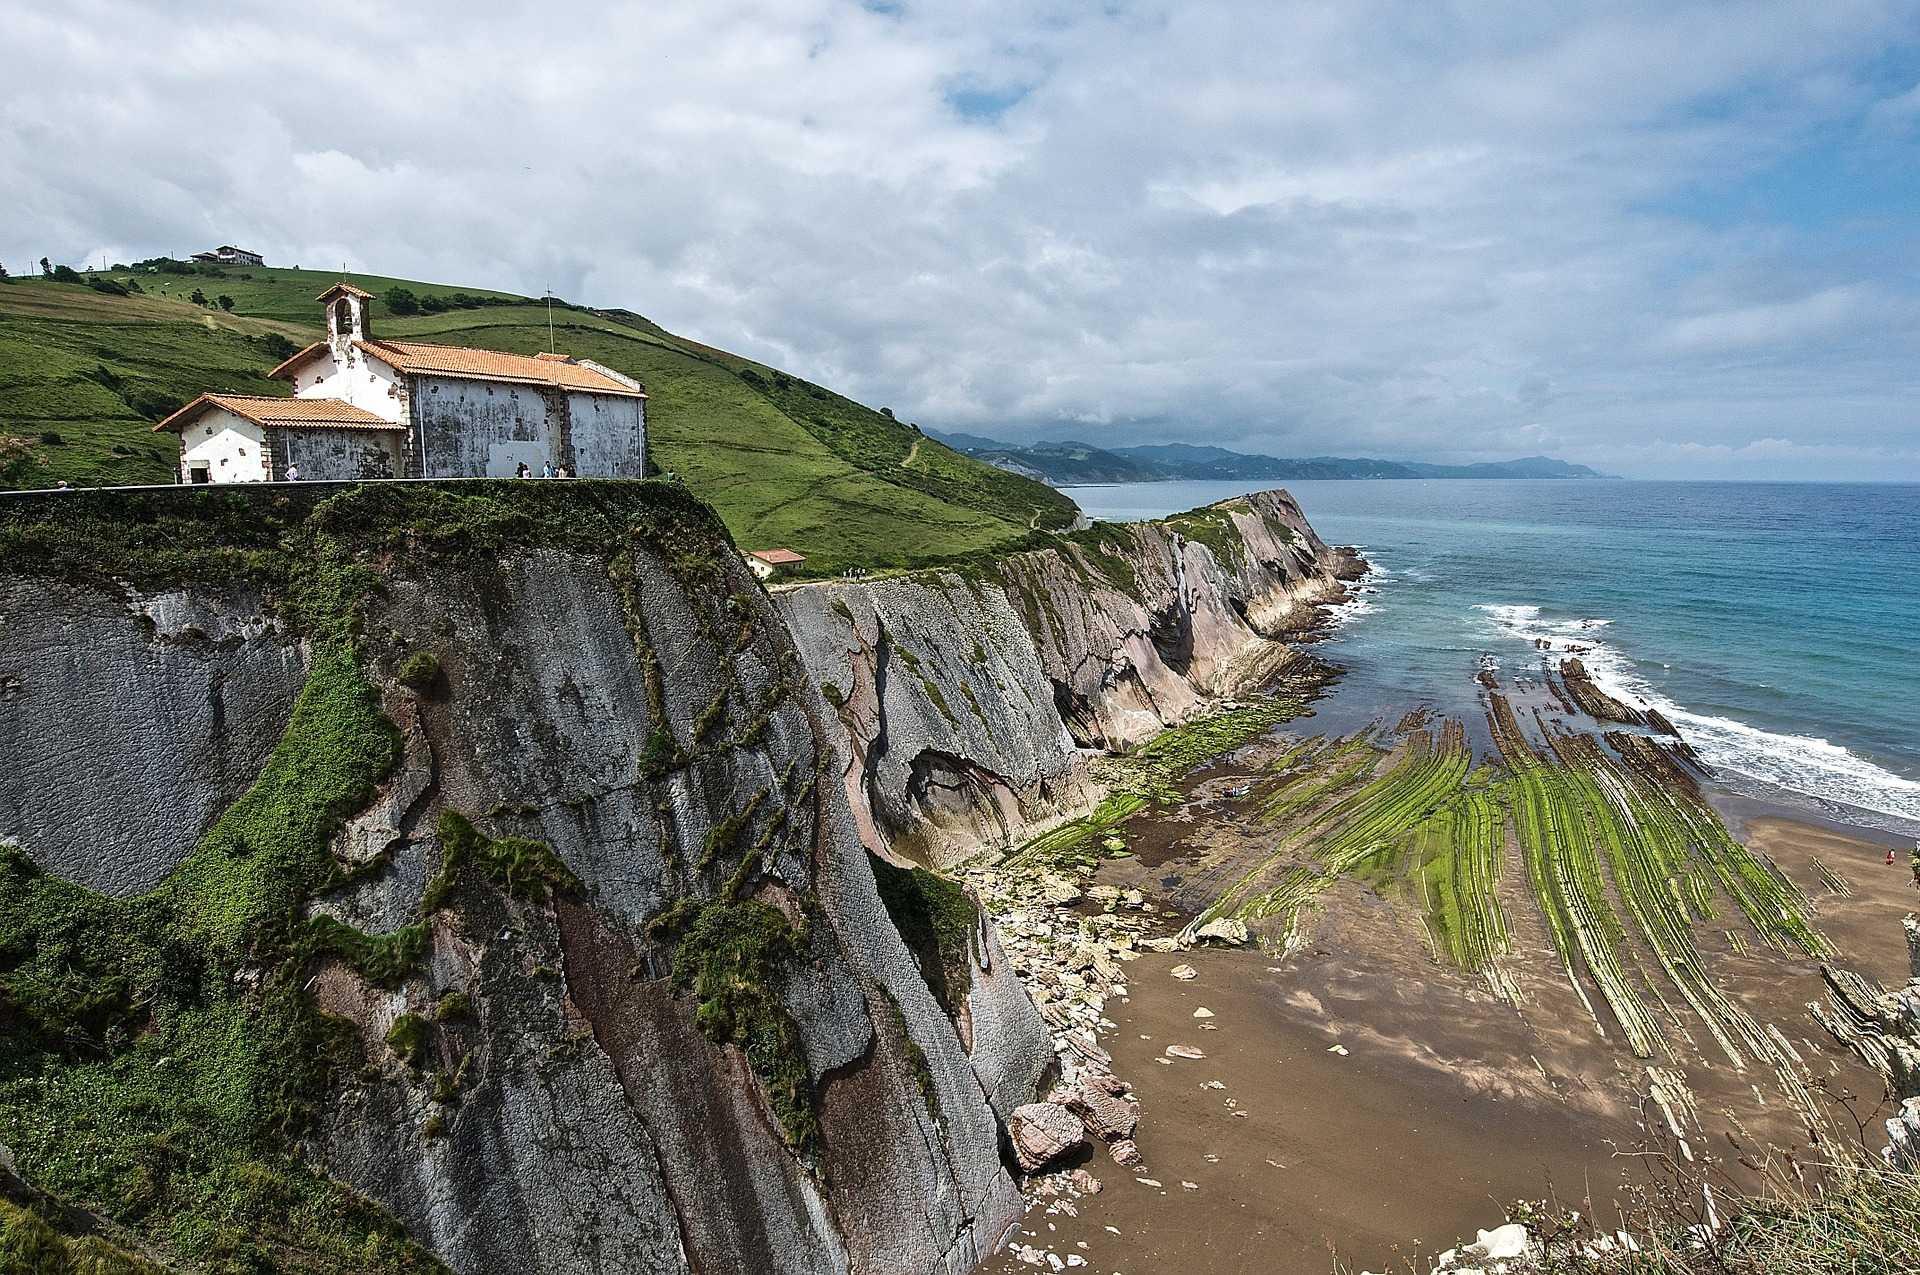 Falaises sur la côte basque du Golf de Gascogne